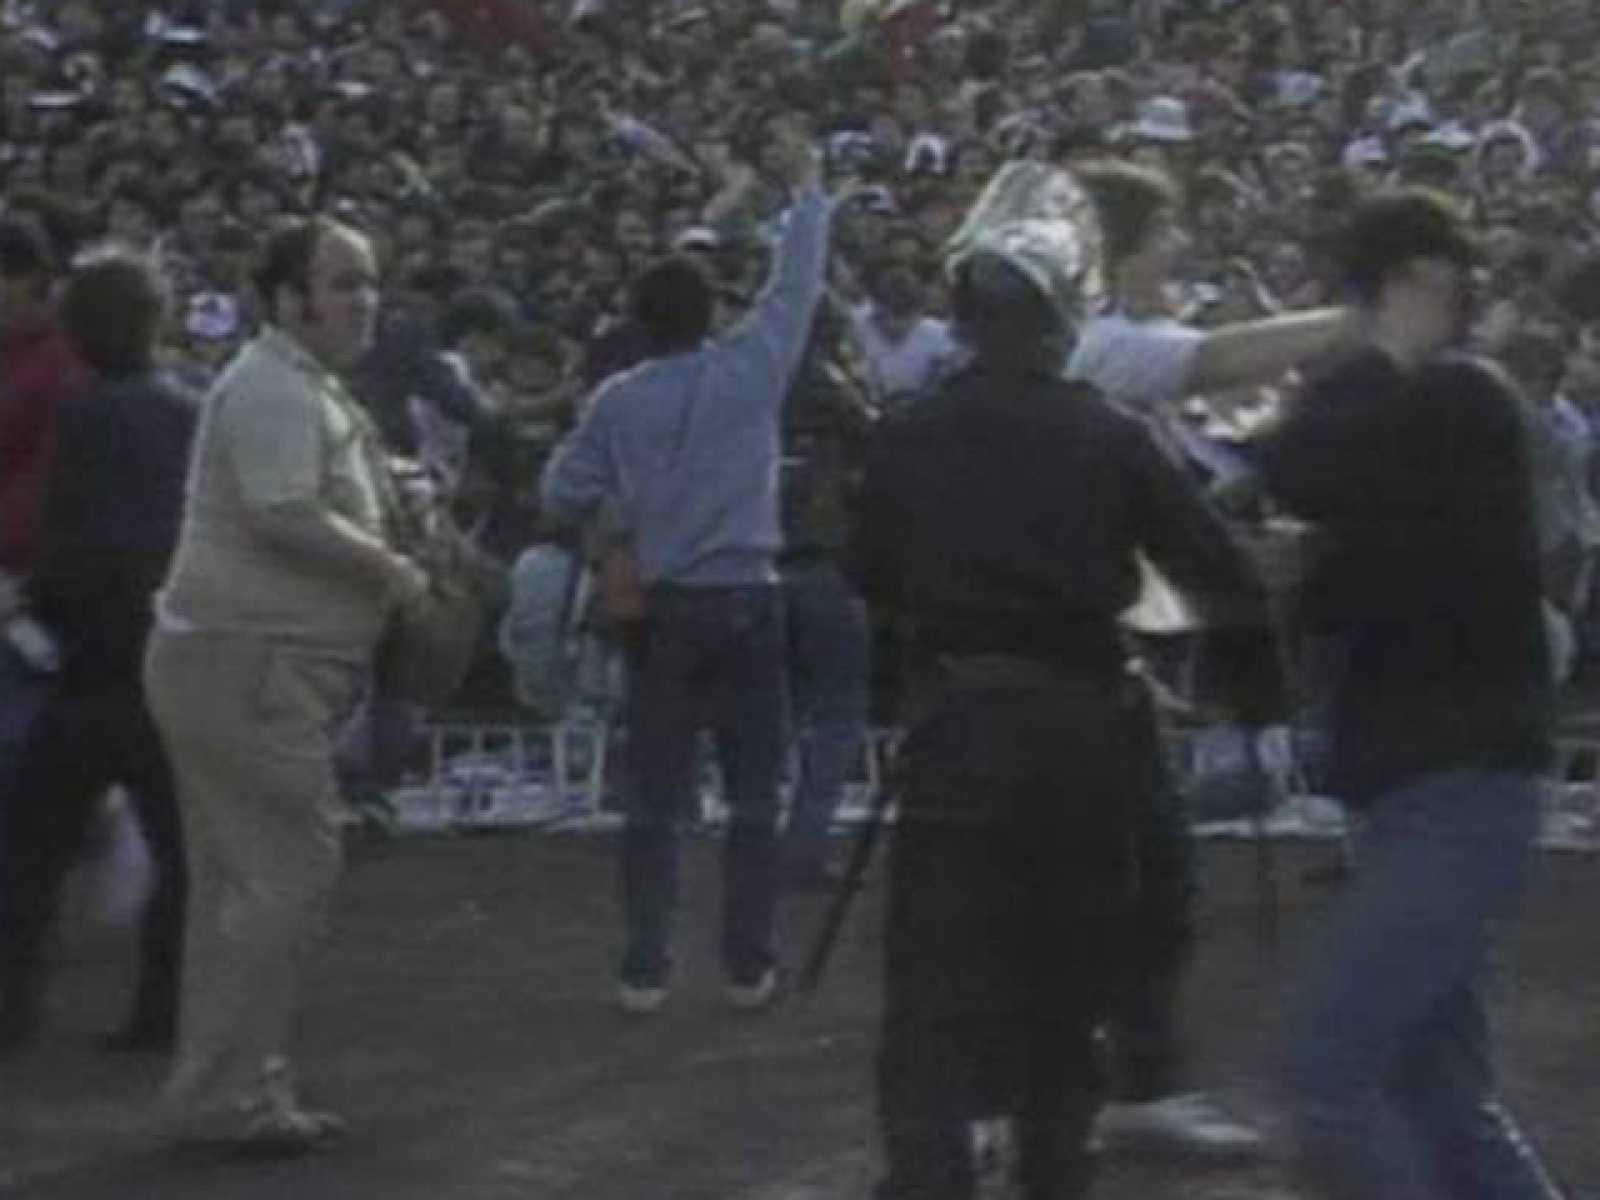 ¿Te acuerdas? - 25 años de la tragedia de Heysel